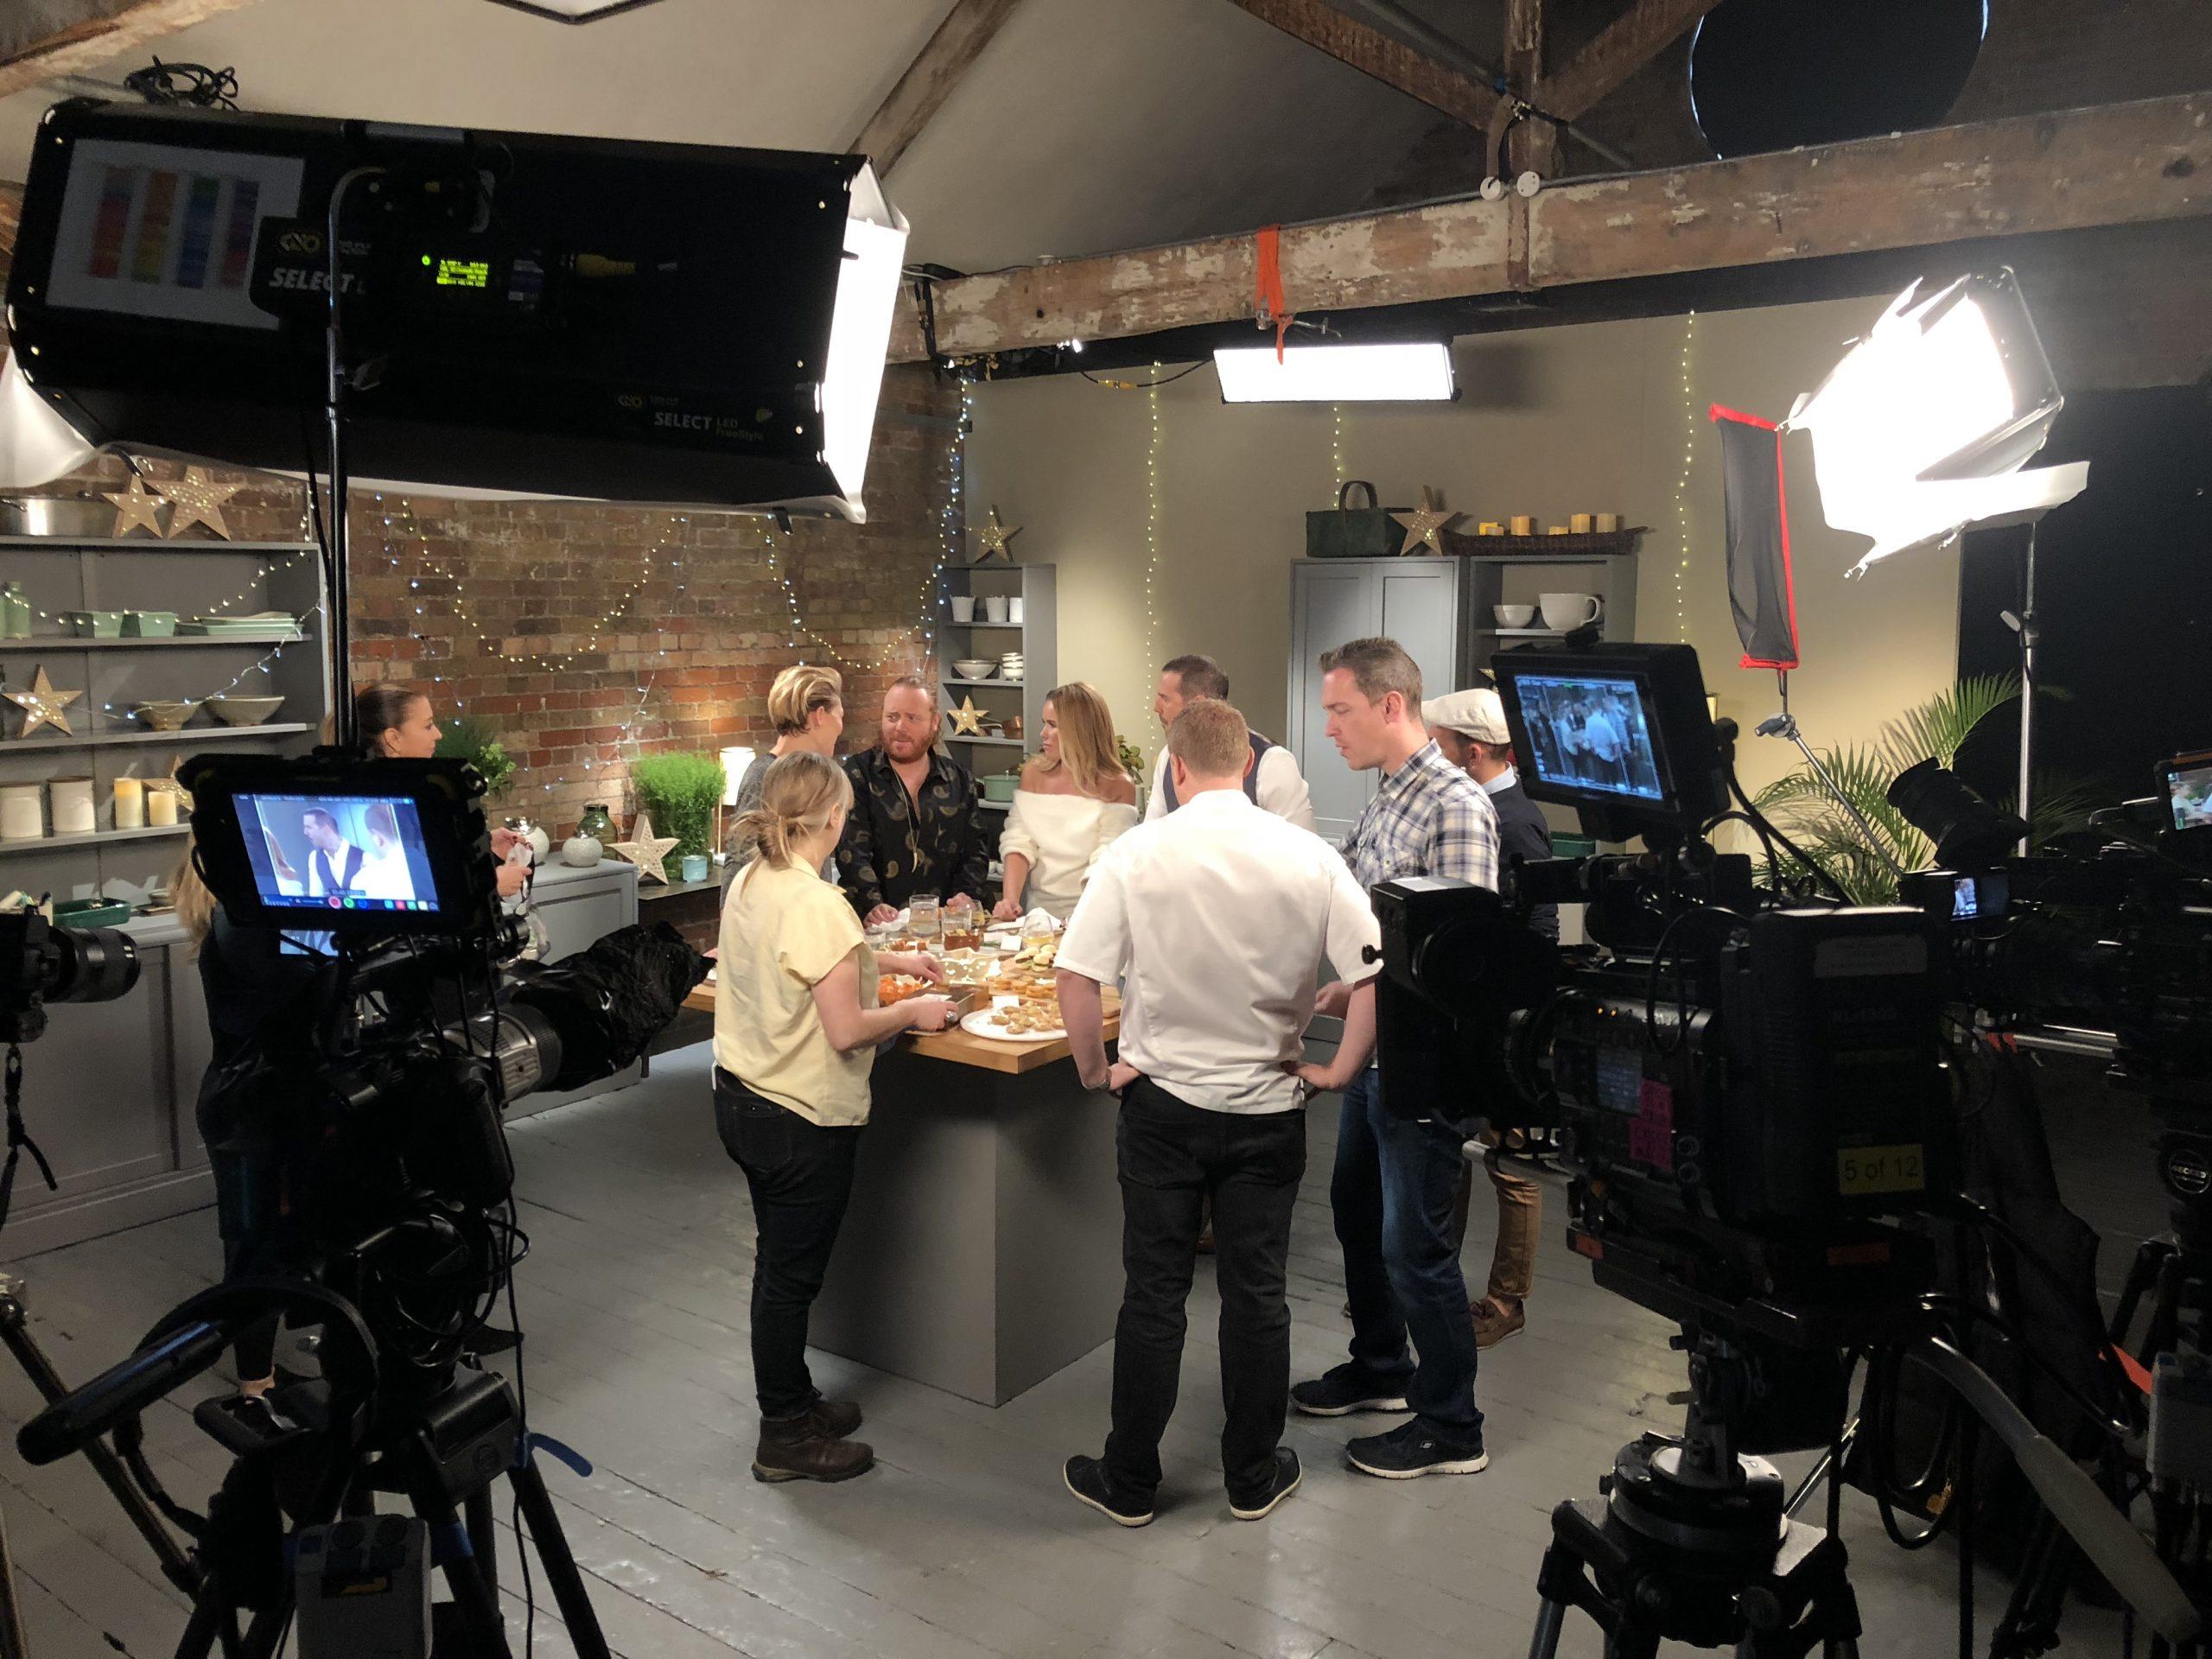 Paddy McGuiness, Amanda Holden, Keith Lemon and Emma Willis on set